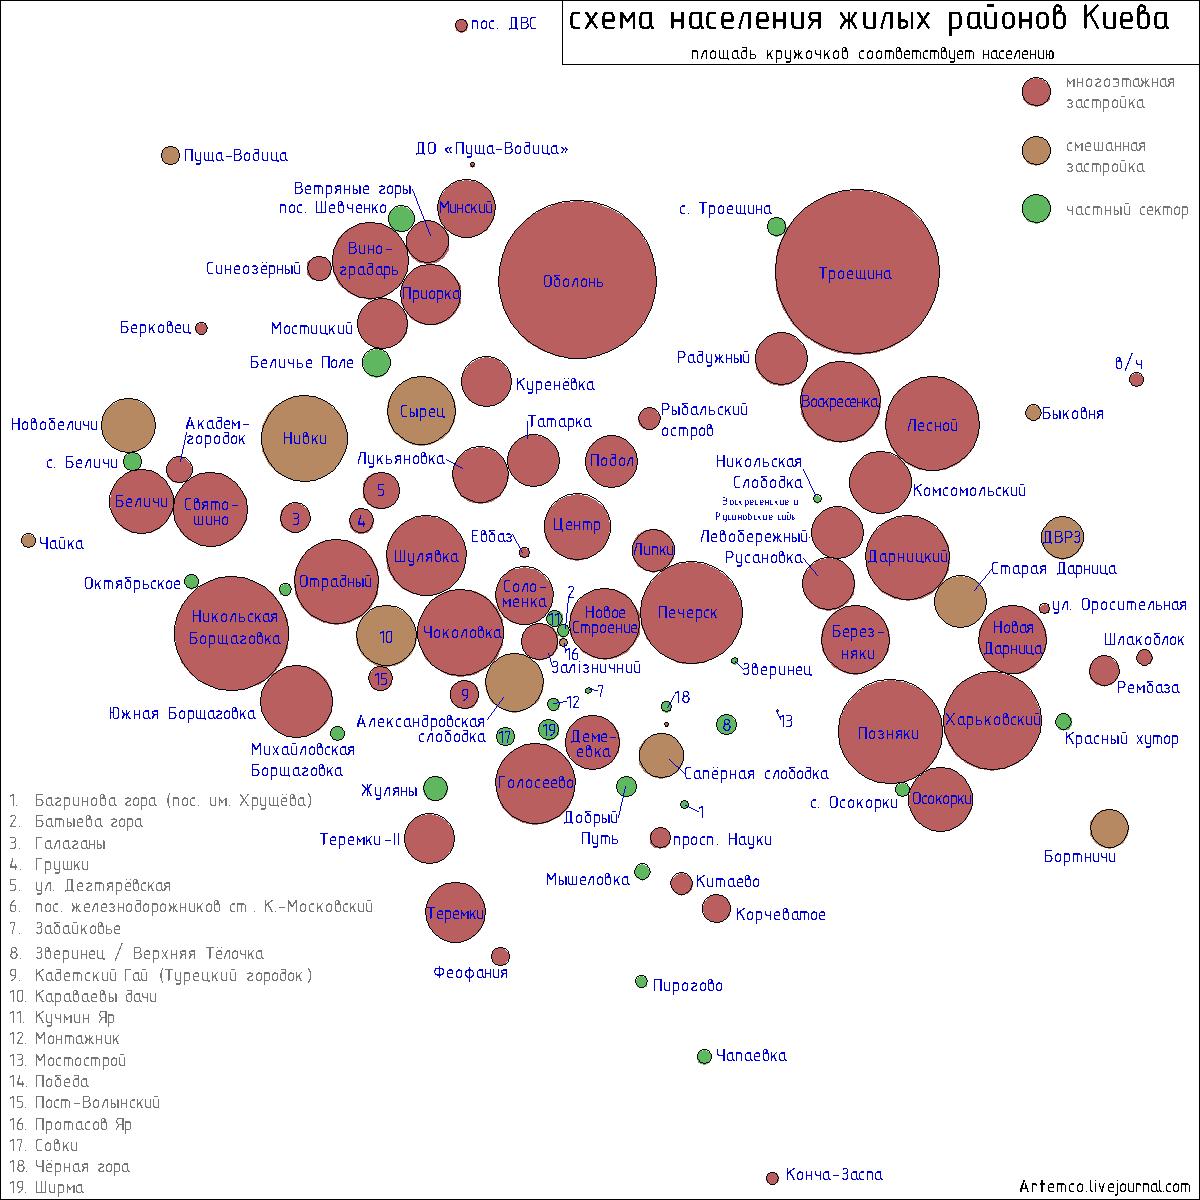 схема населения жилых районов Киева